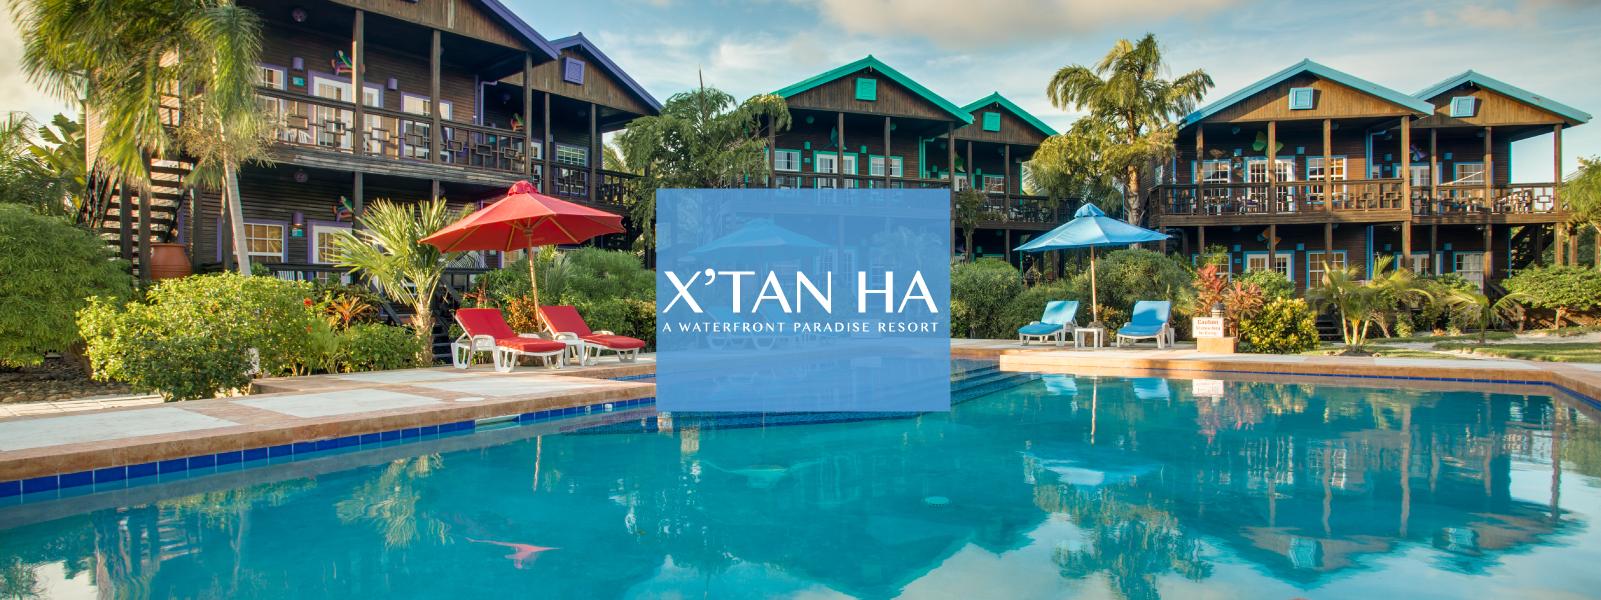 X'tan Ha Resort Pool on Ambergris Caye